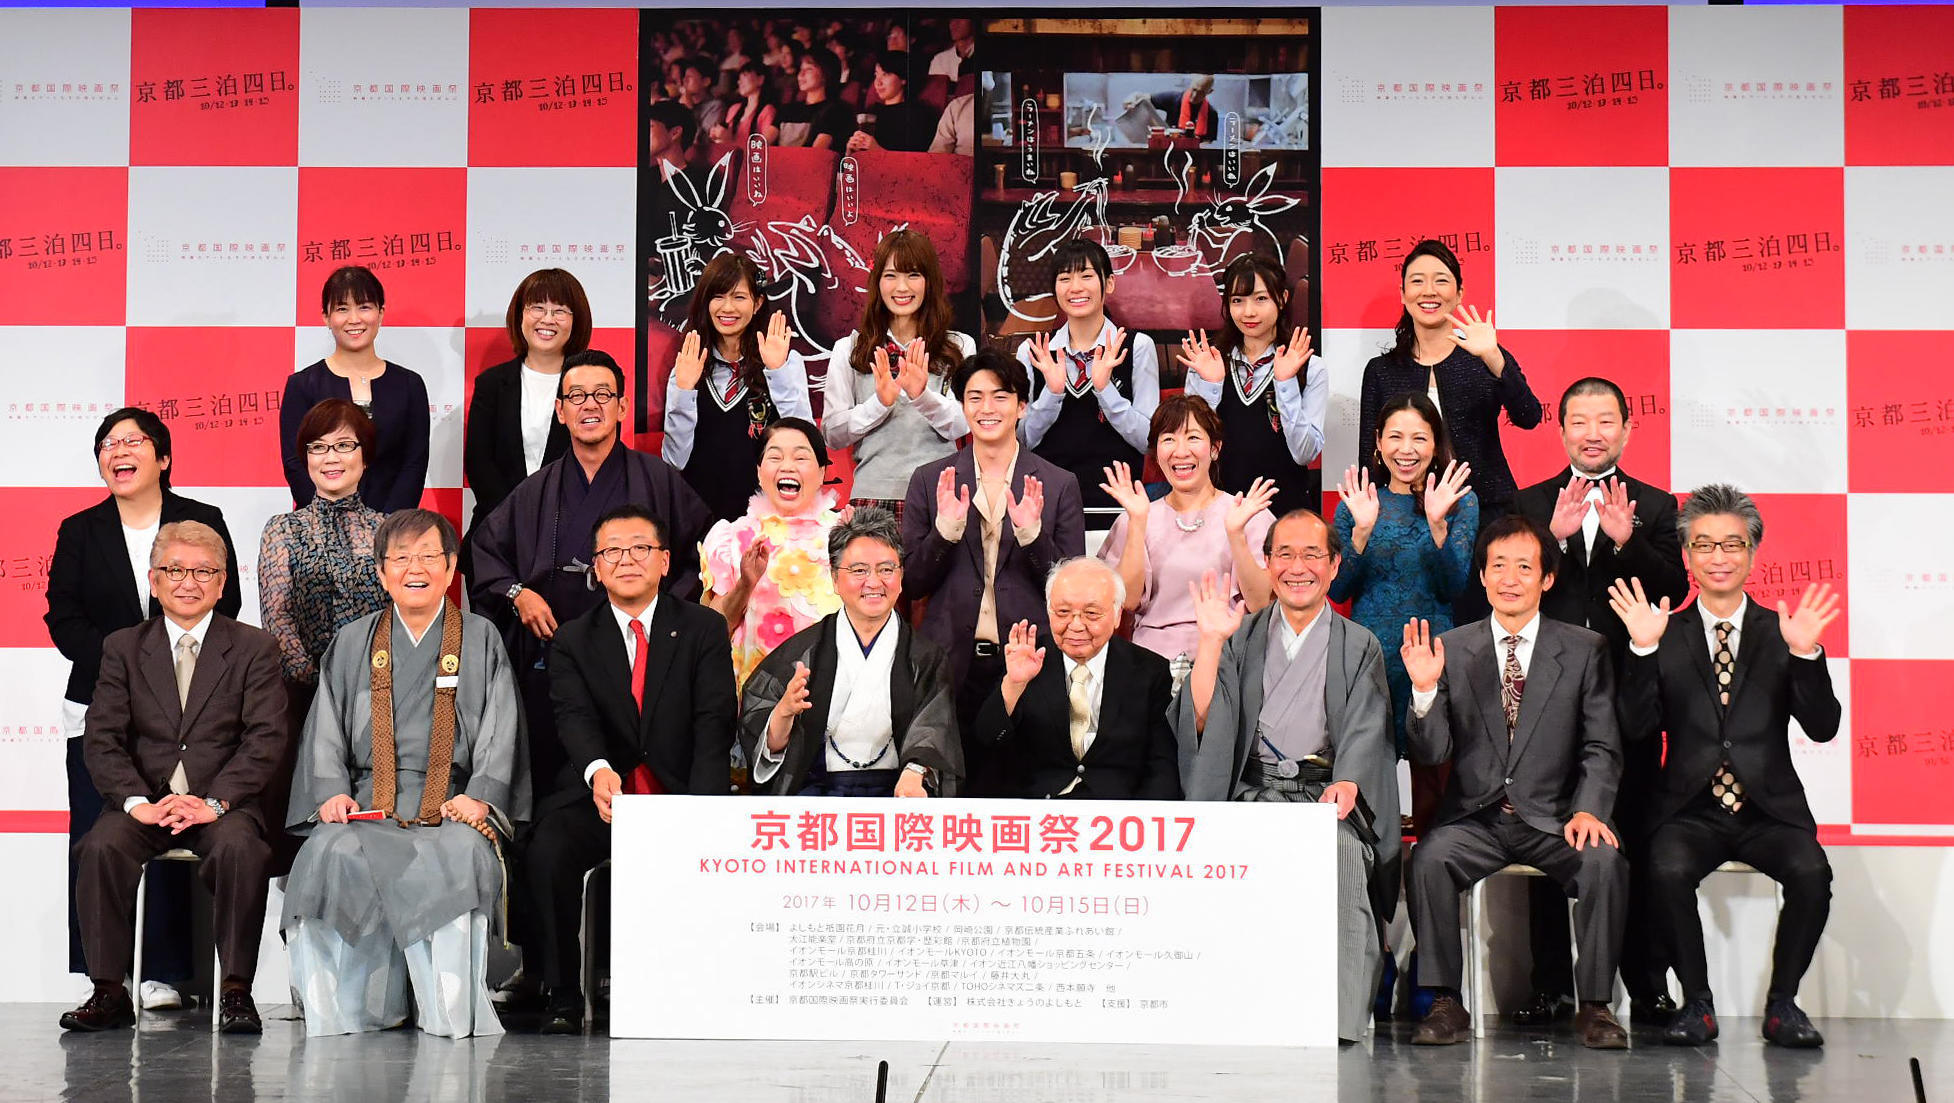 http://news.yoshimoto.co.jp/20170907001647-de607c00e8dcfc8eba49edfca0569ca05db8c6bf.jpg